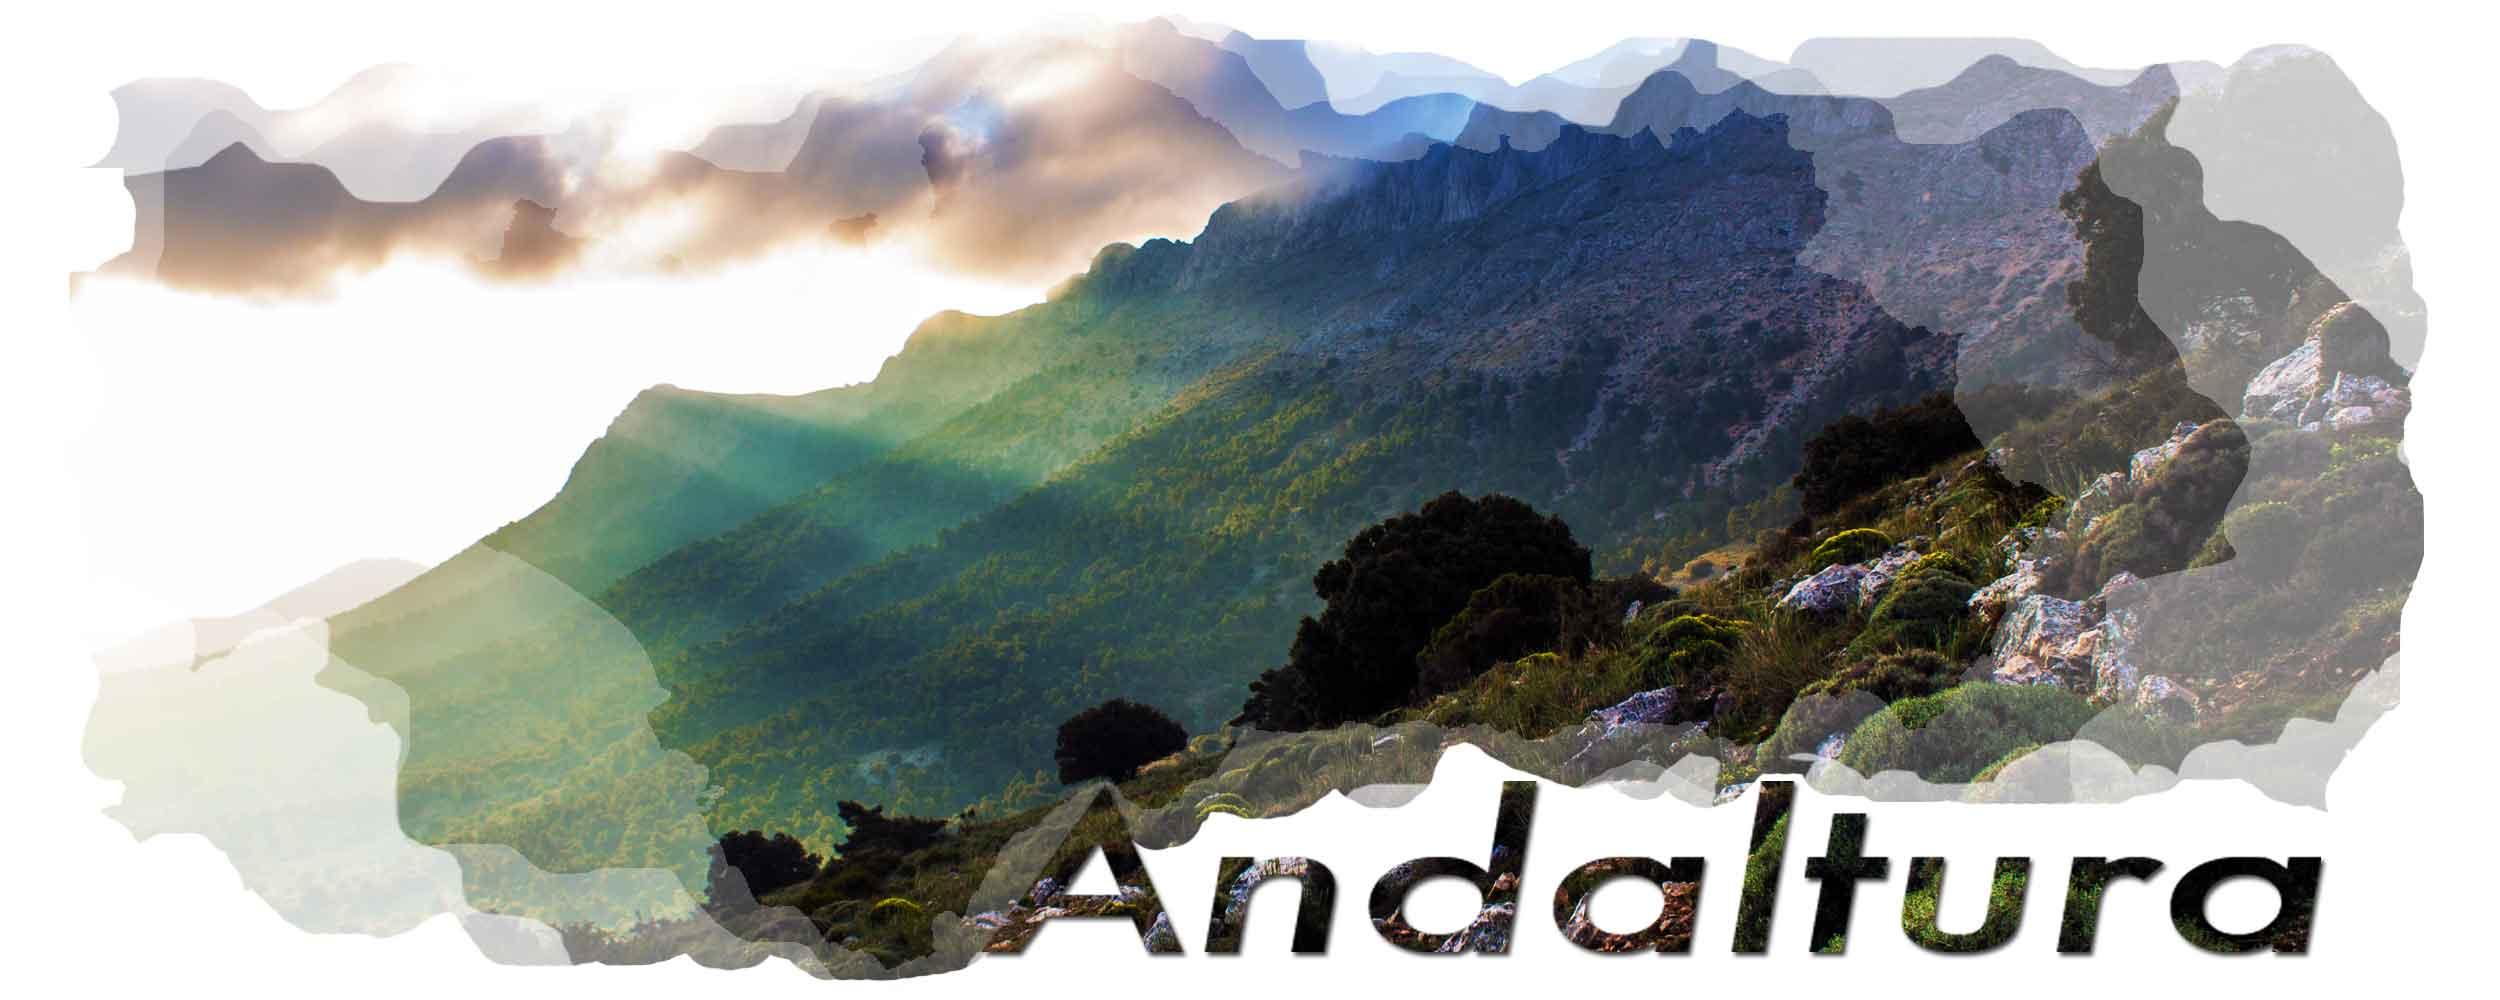 Contenidos Plagiados ¿Quién copia de Andaltura? Parque Natural Sierra de María - Los Vélez